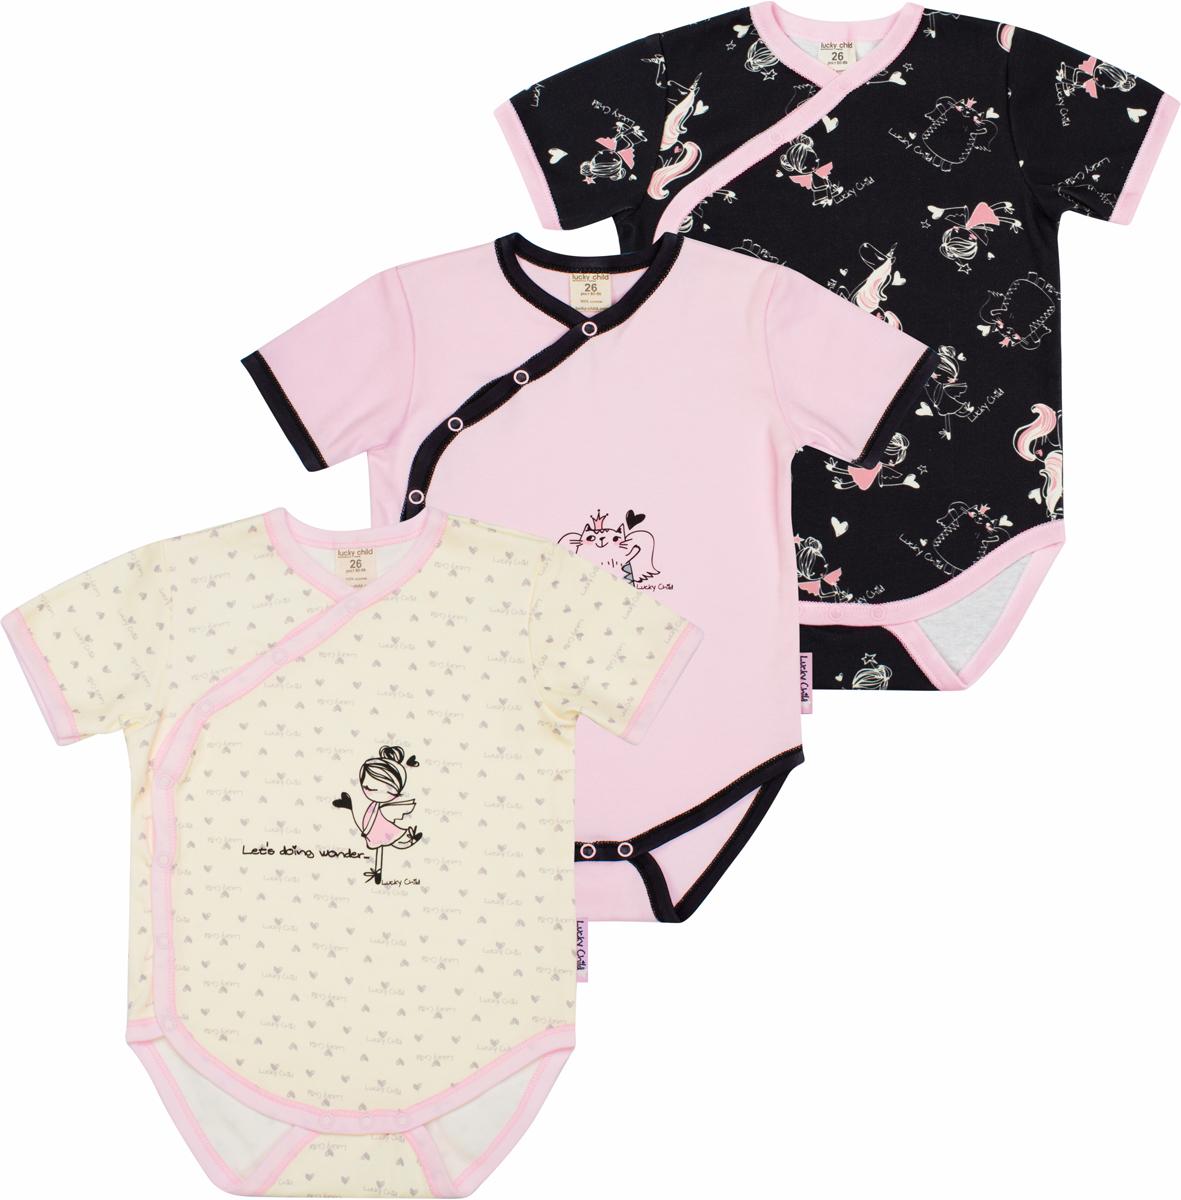 Боди детское Lucky Child, цвет: розовый, черный, желтый, 3шт. 30-193/цв. Размер 80/86 боди детское lucky child улитки цвет молочный коричневый 3 шт 30 133 размер 80 86